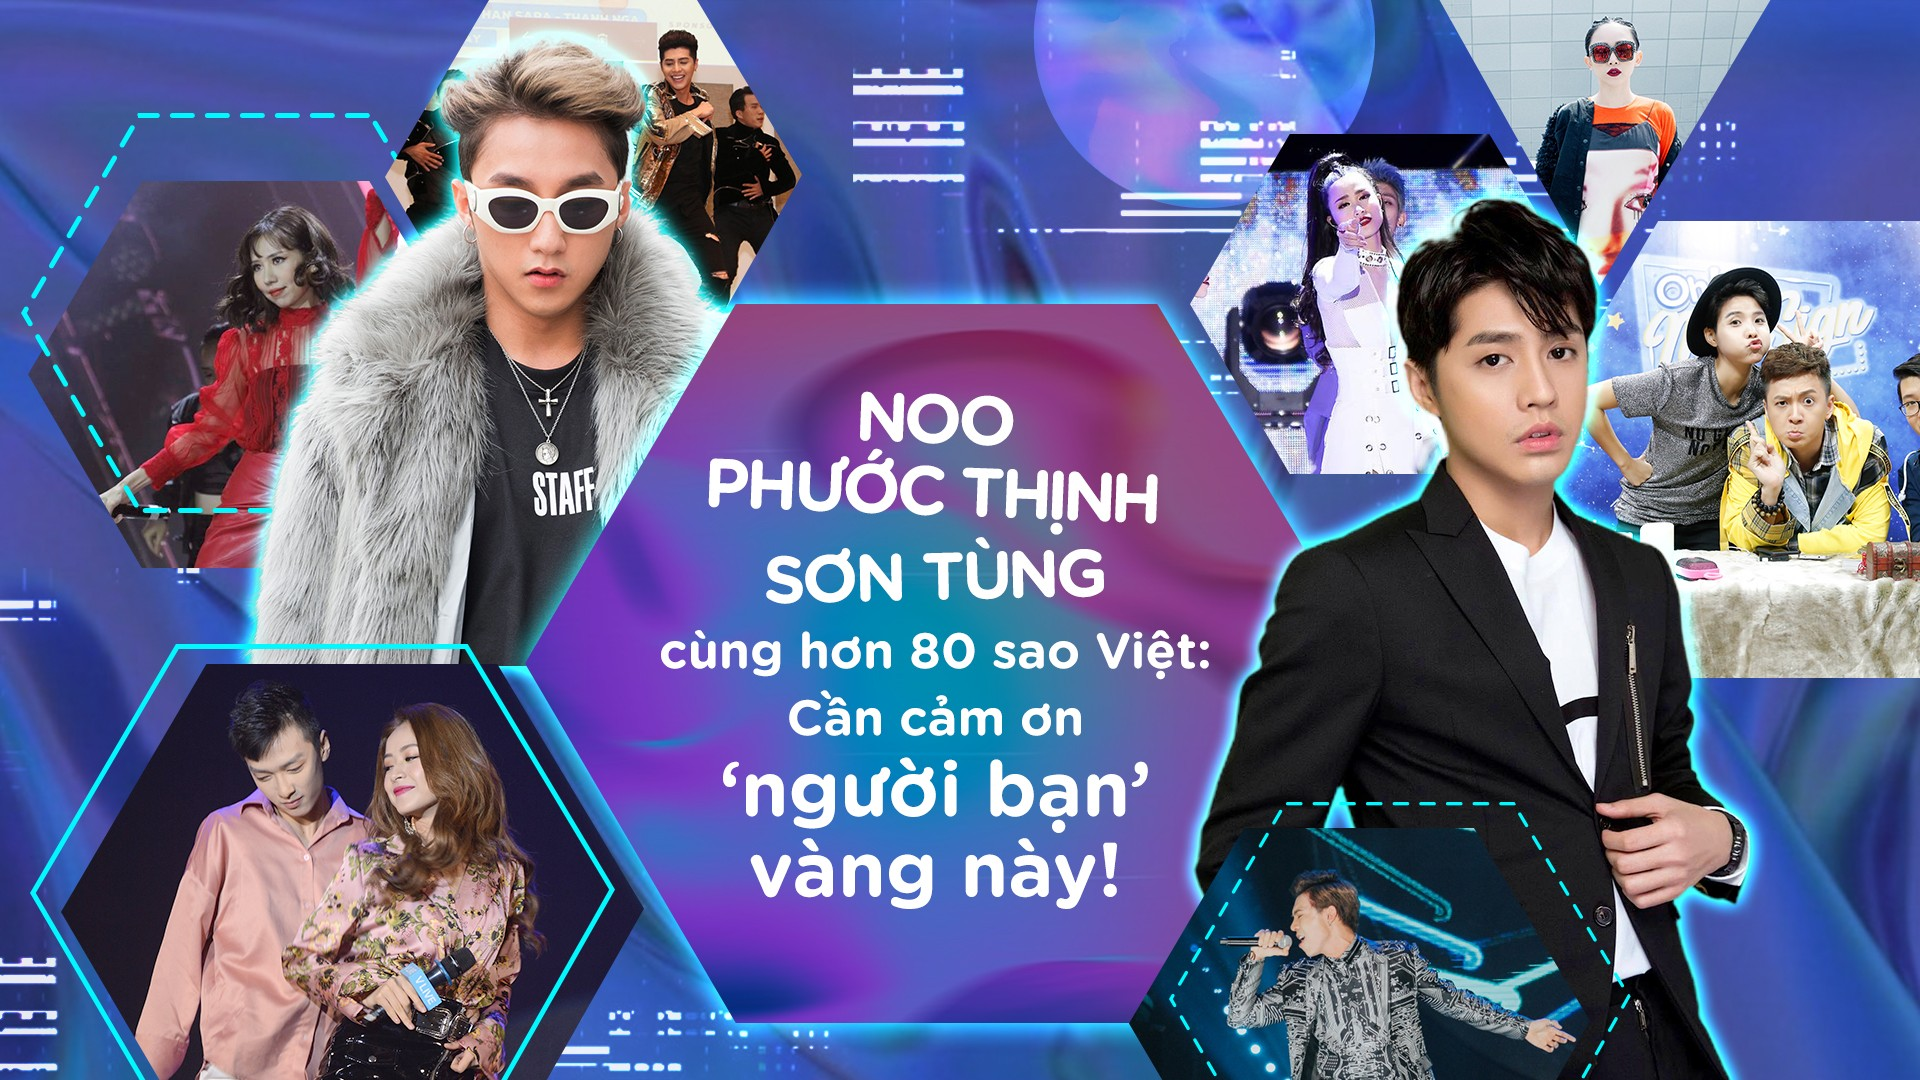 Noo Phước Thịnh, Sơn Tùng M-TP cùng hơn 80 sao Việt: Cần cảm ơn 'người bạn' vàng này!